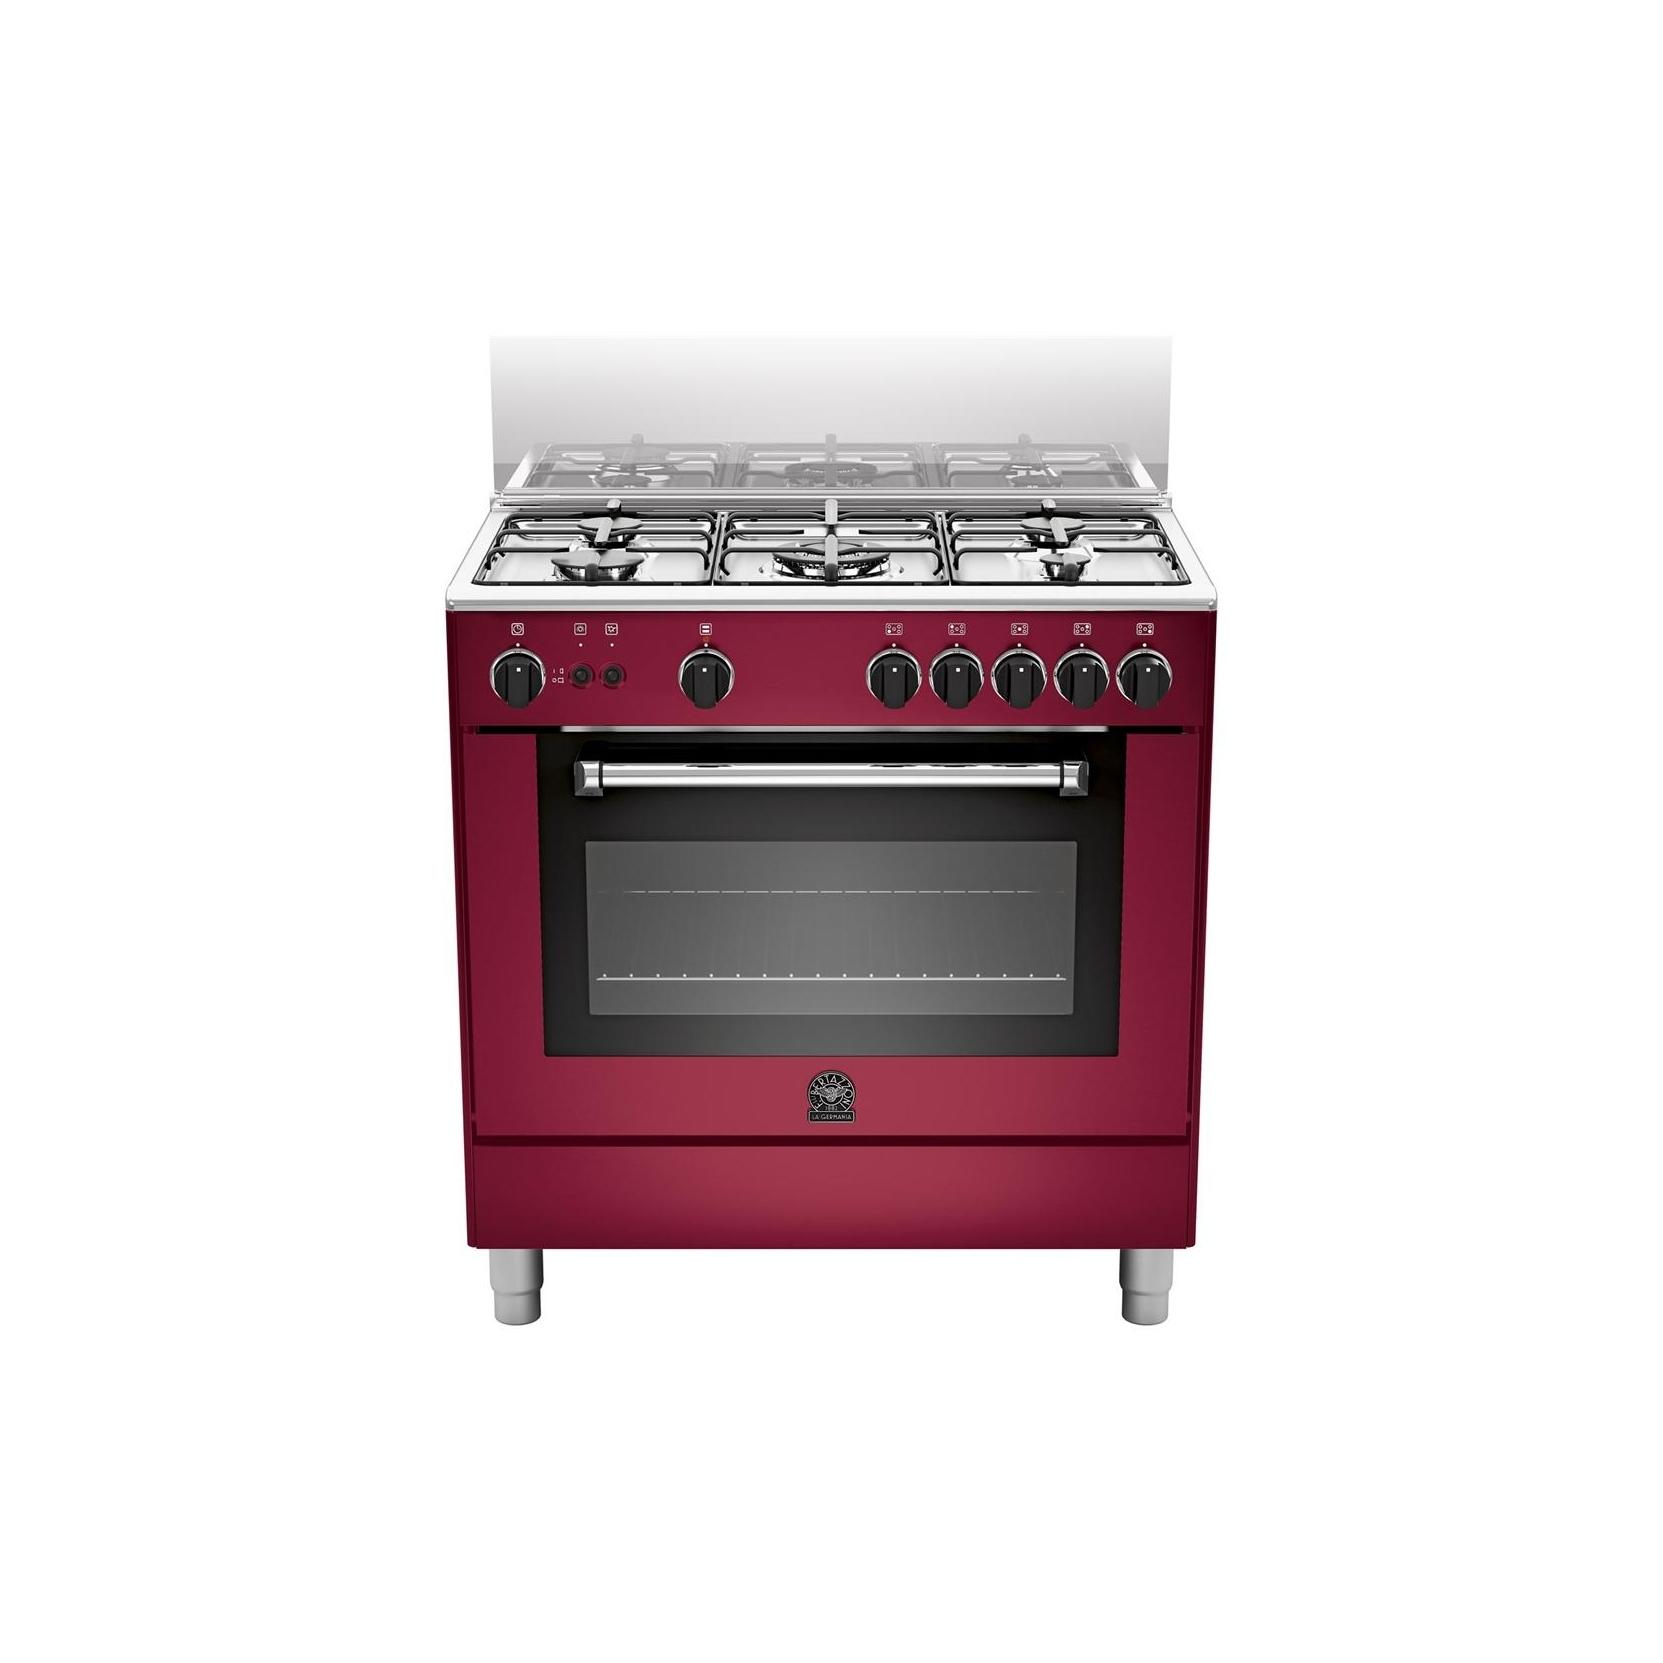 Cucina la germania am95c61cvit 90x60 colore vino 5 fuochi forno elettrico ventilato garanzia - Cucina con forno ventilato ...